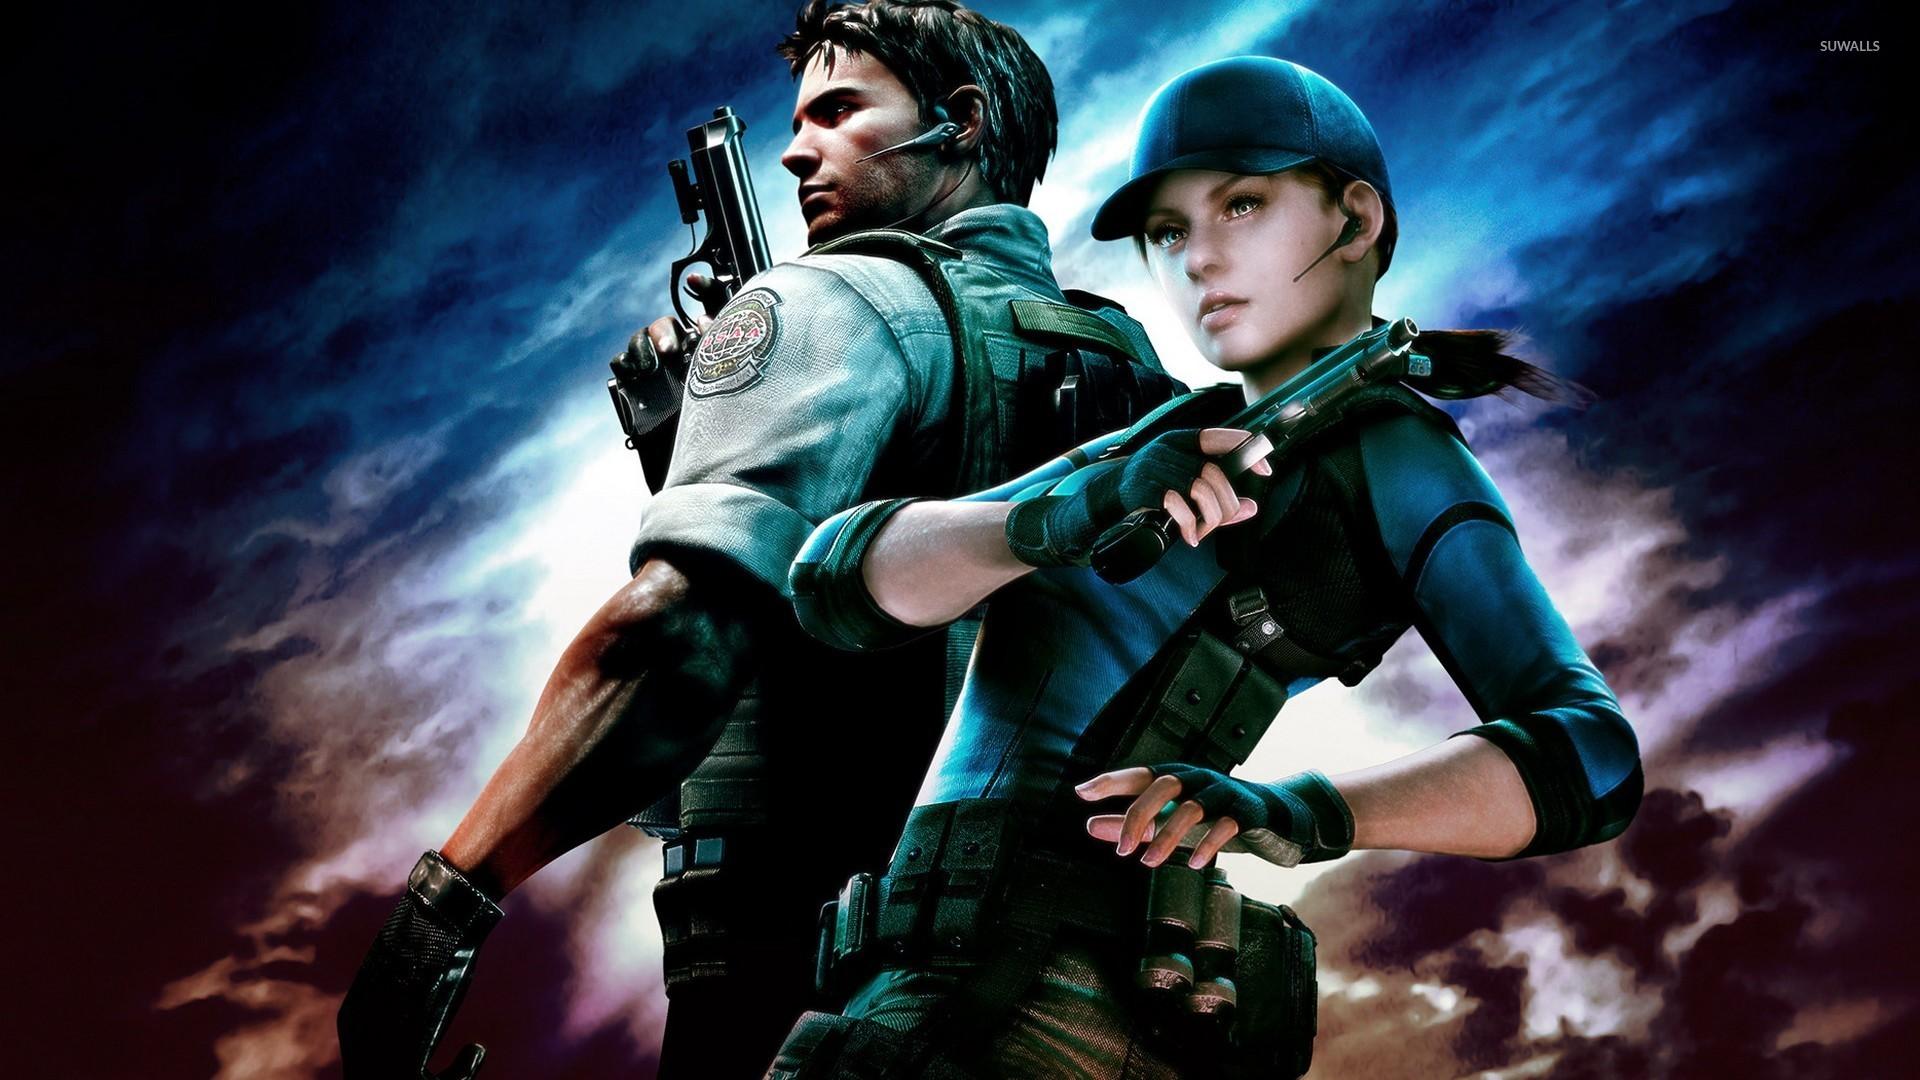 Resident Evil 5 Wallpaper Game Wallpapers 6716